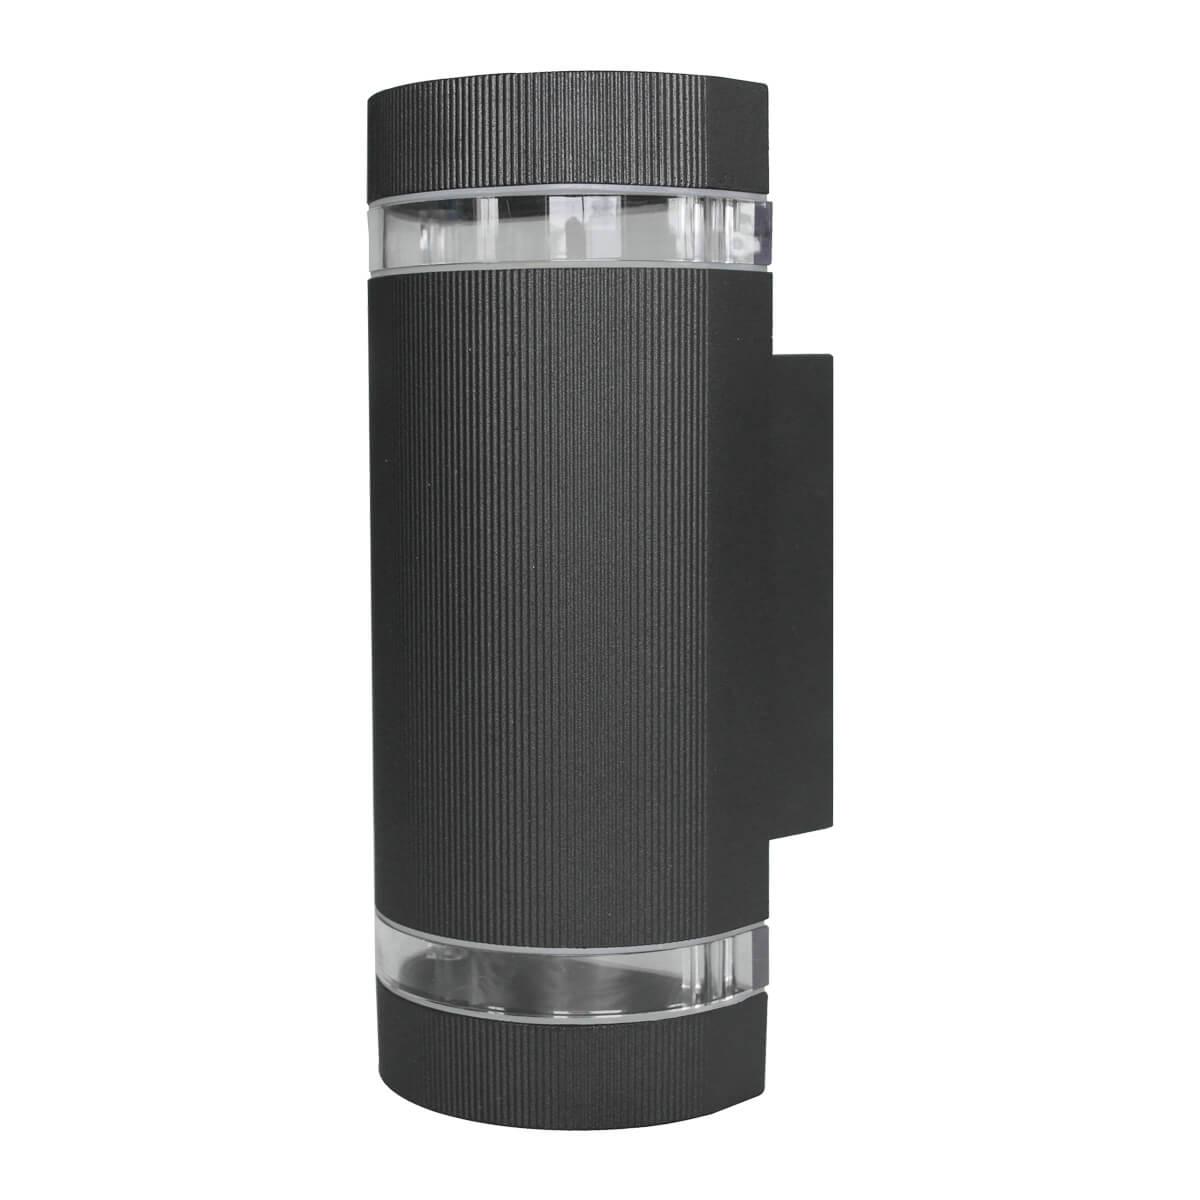 led wandlampe up down ip54 incl 2 x 5w led leuchtmittel. Black Bedroom Furniture Sets. Home Design Ideas